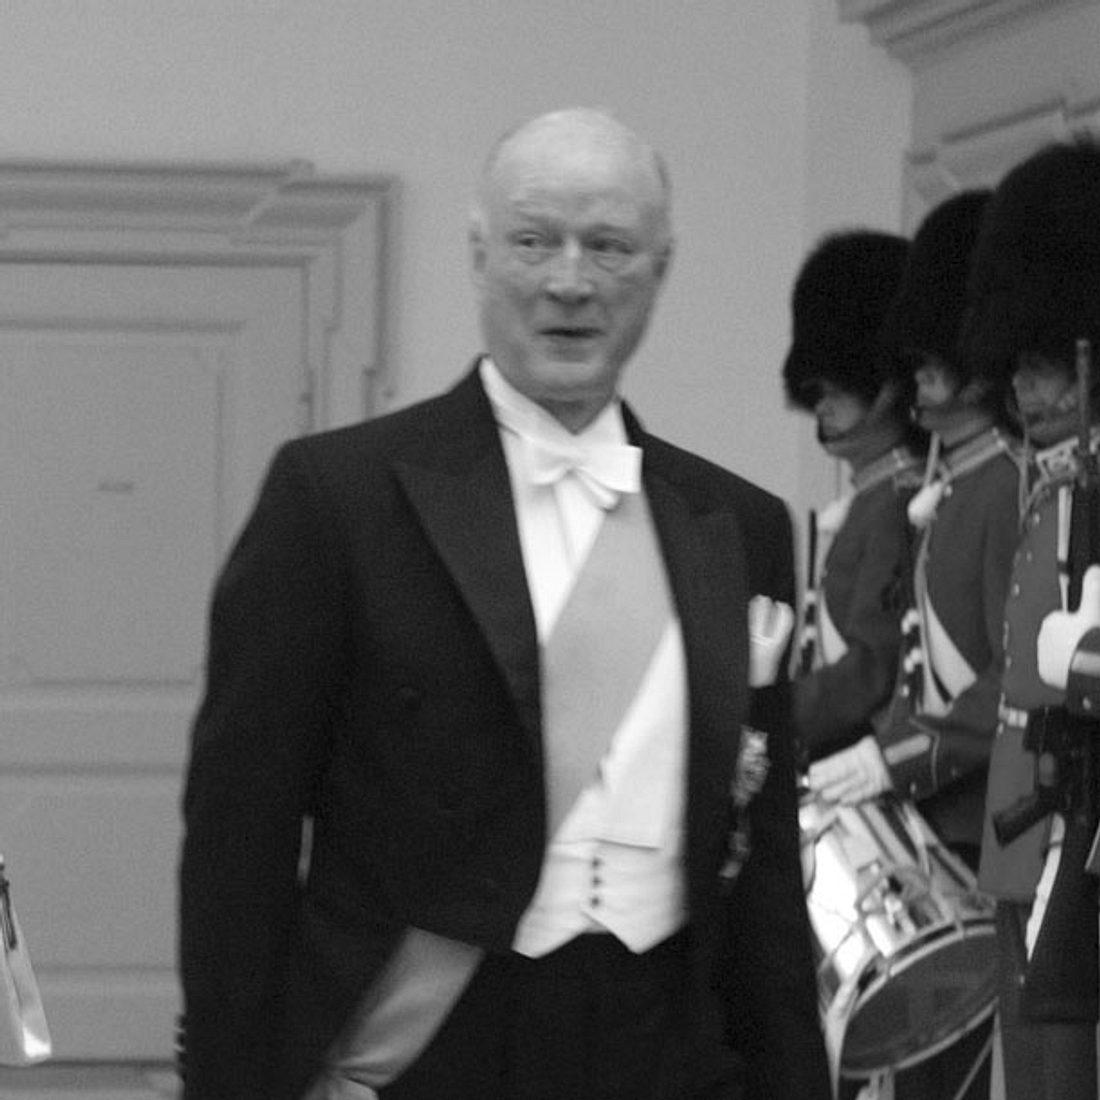 Prinz Richard zu Sayn-Wittgenstein-Berleburg ist tot